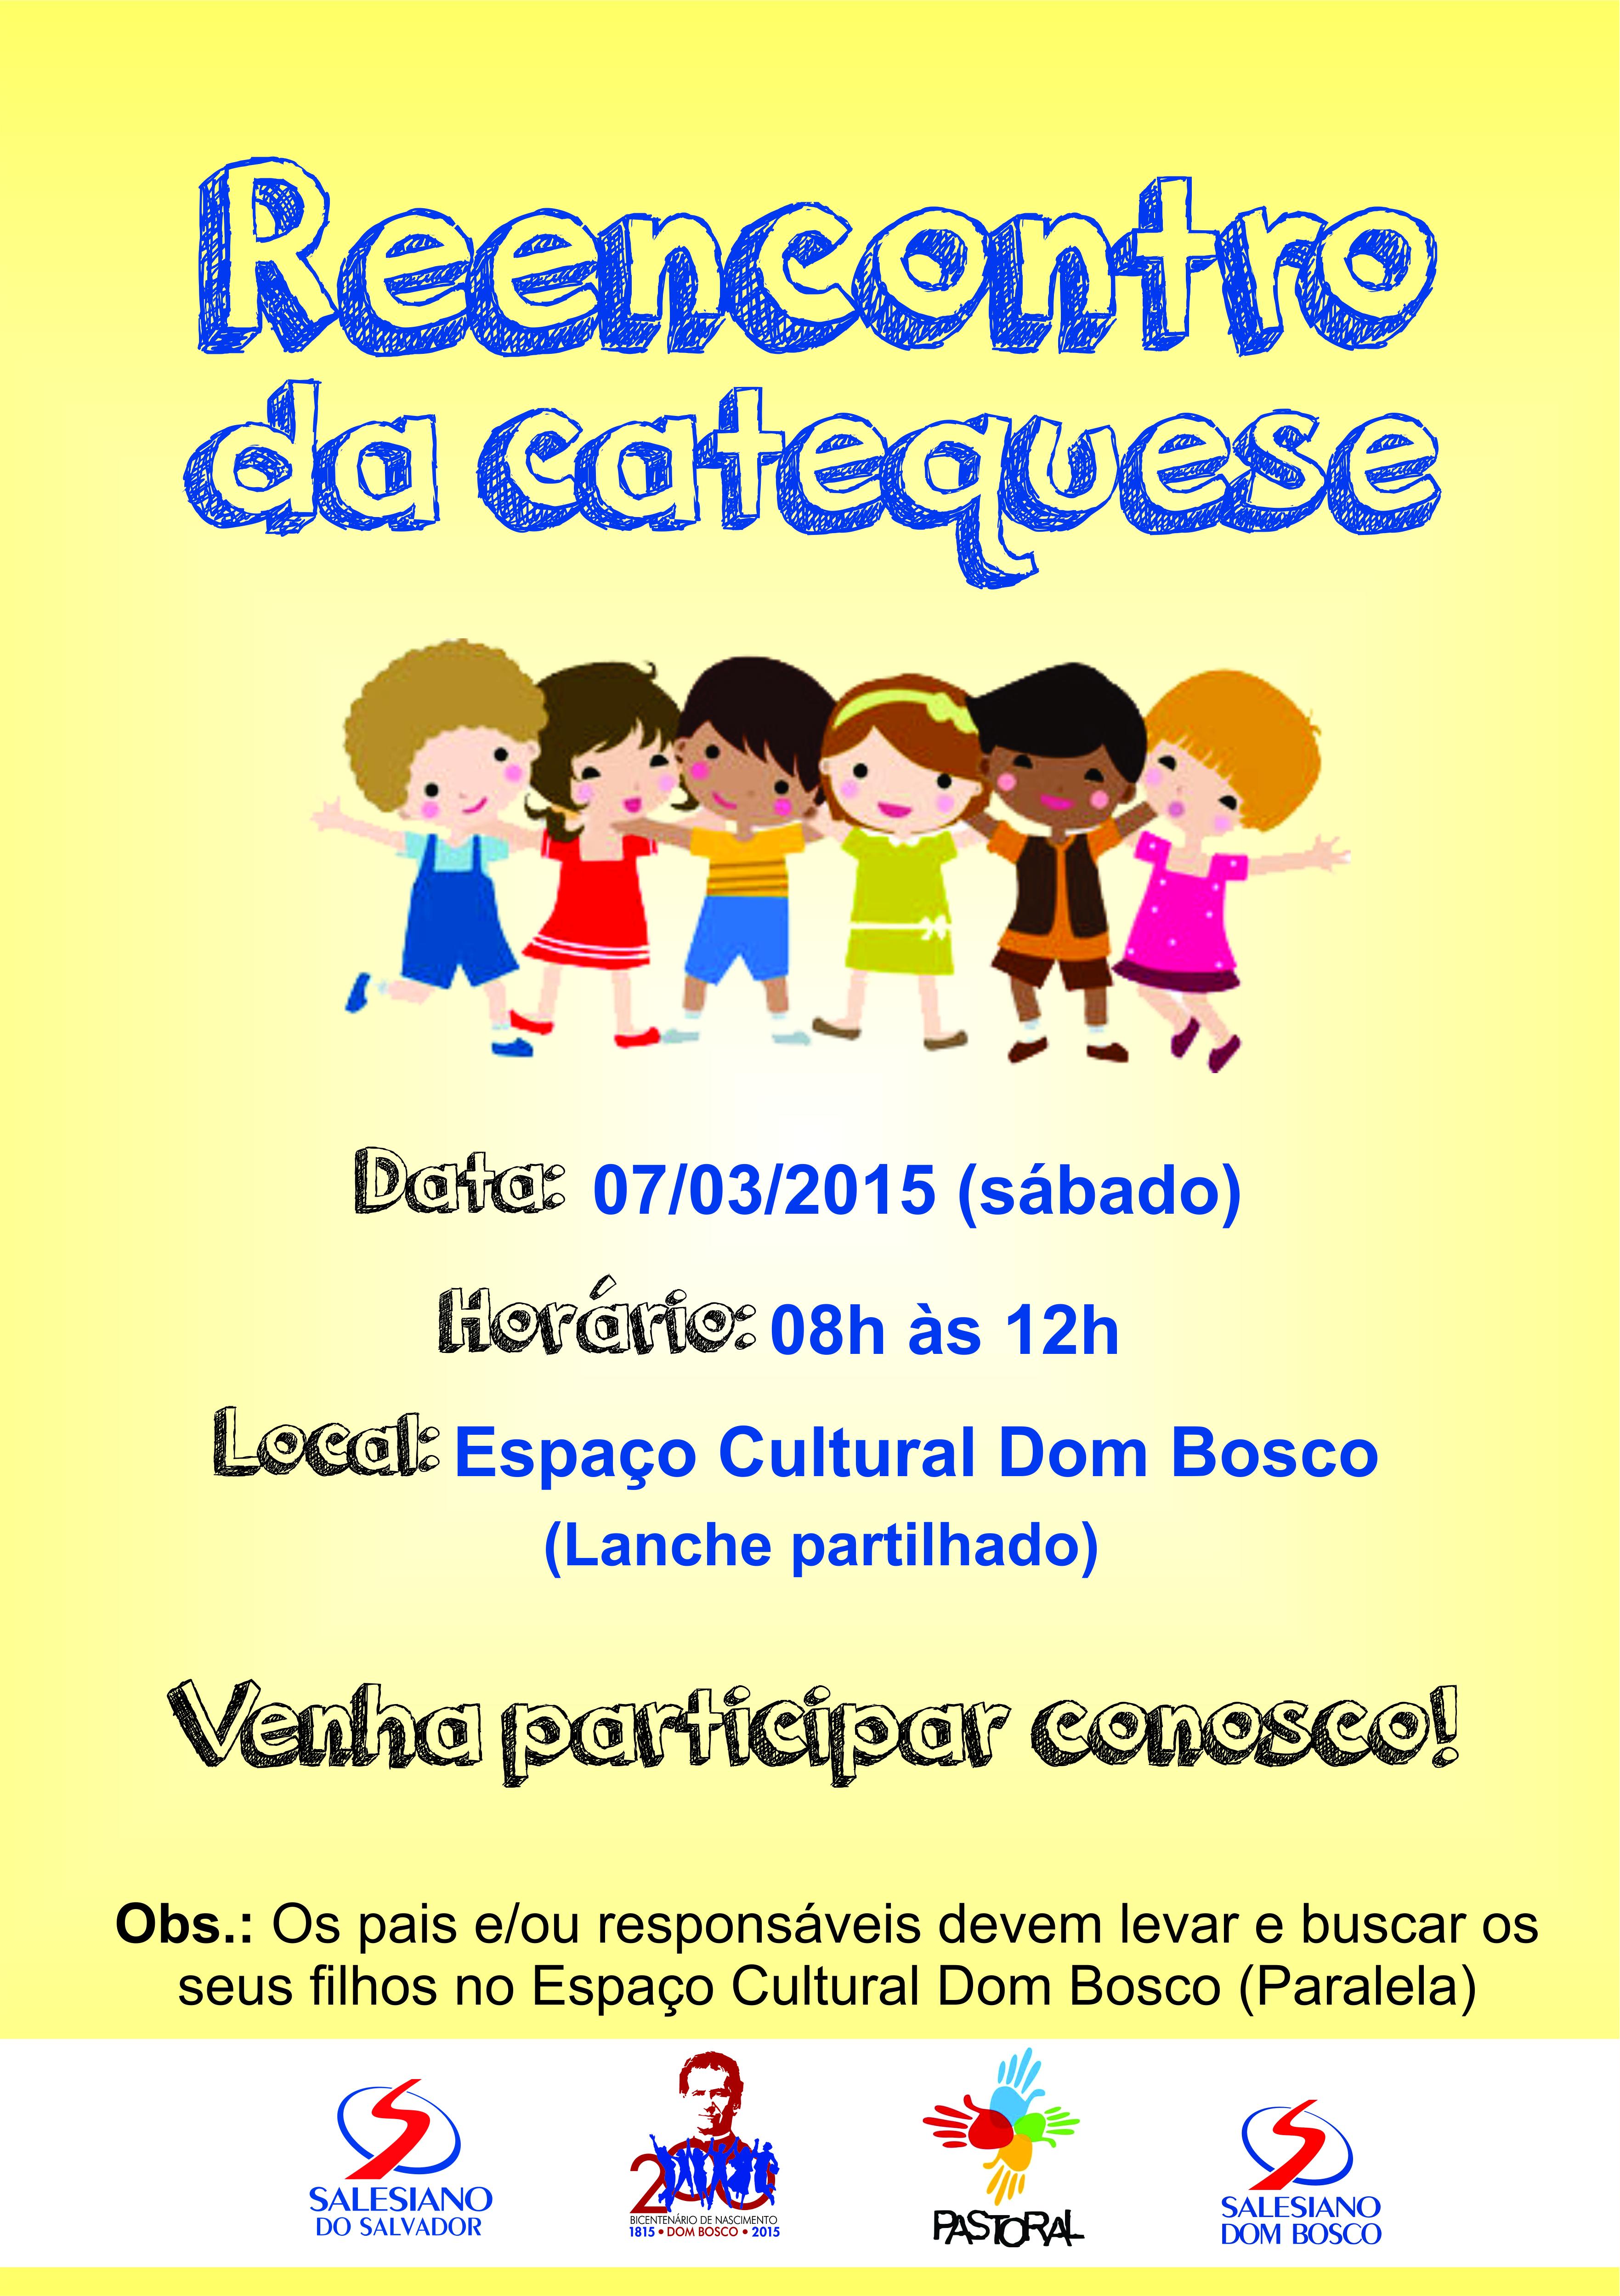 Reencontro_da_catequese